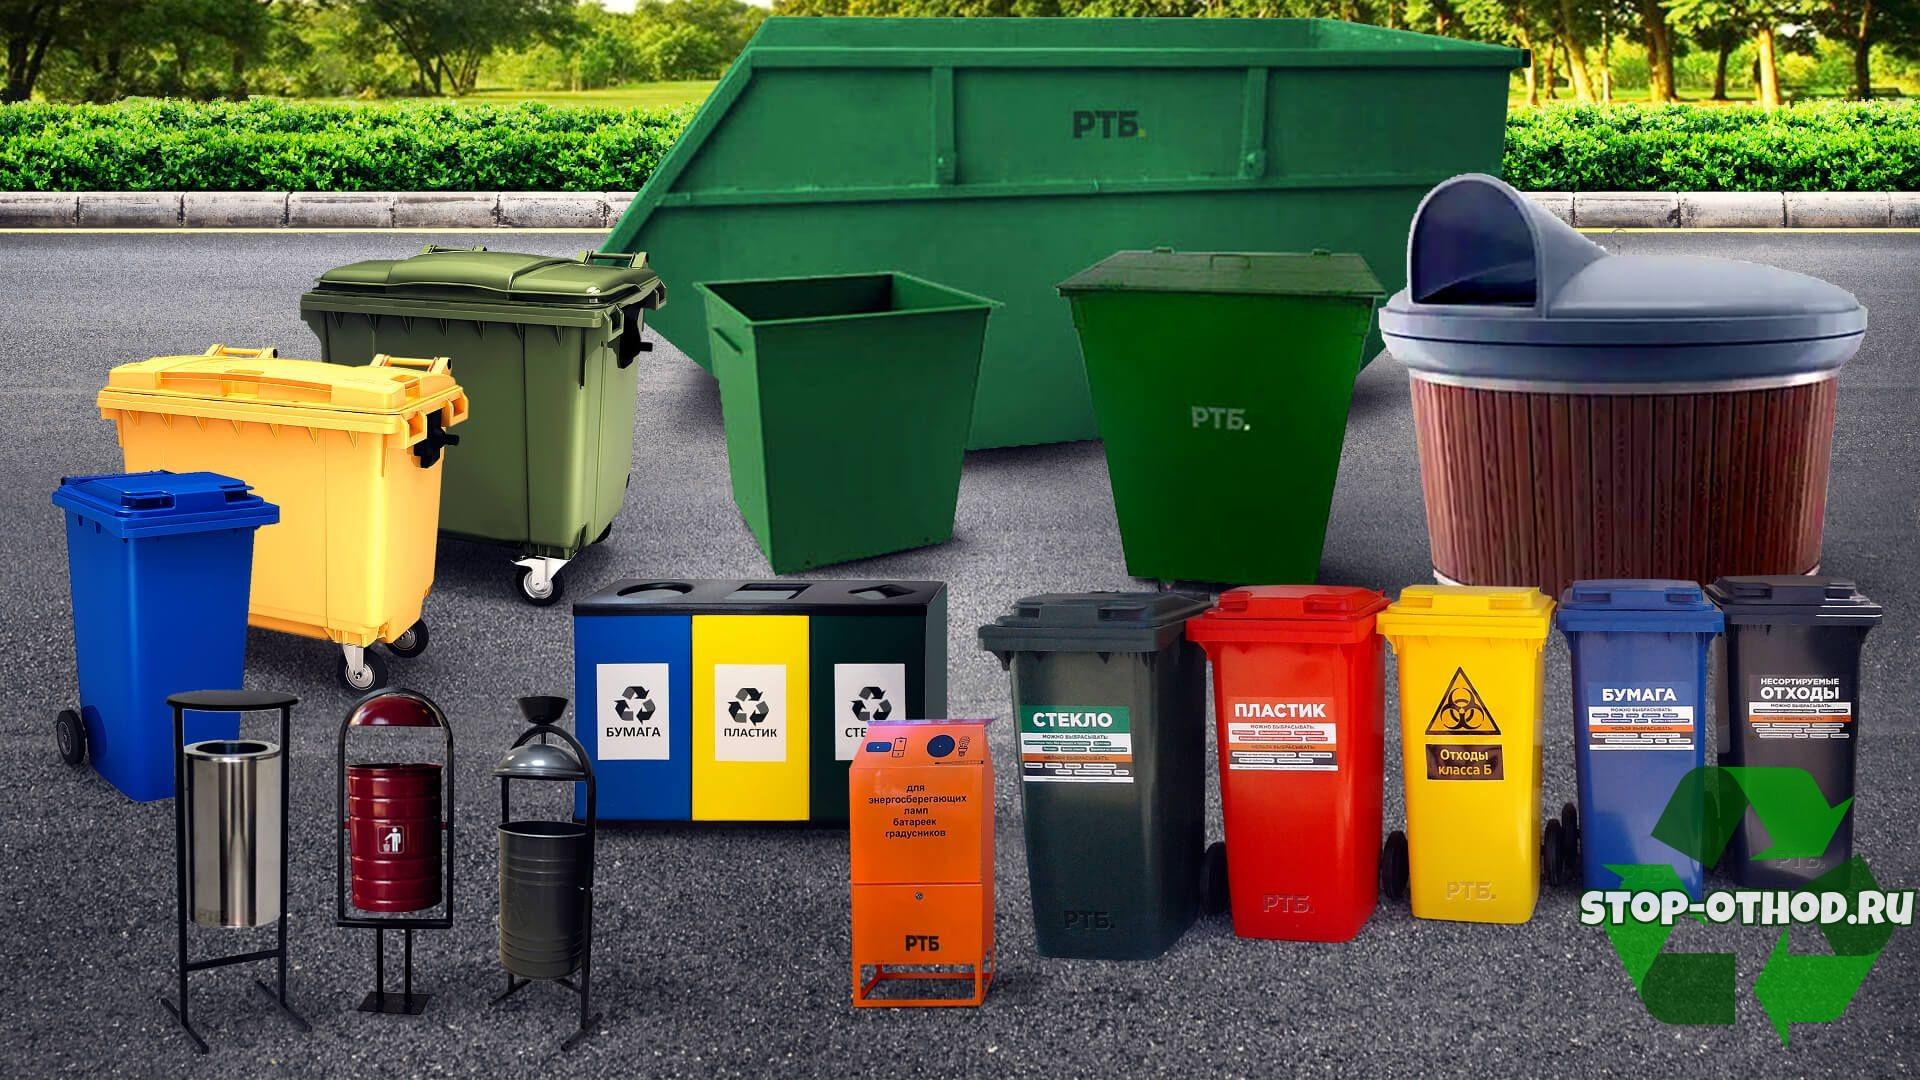 Виды емкостей для сбора отходов